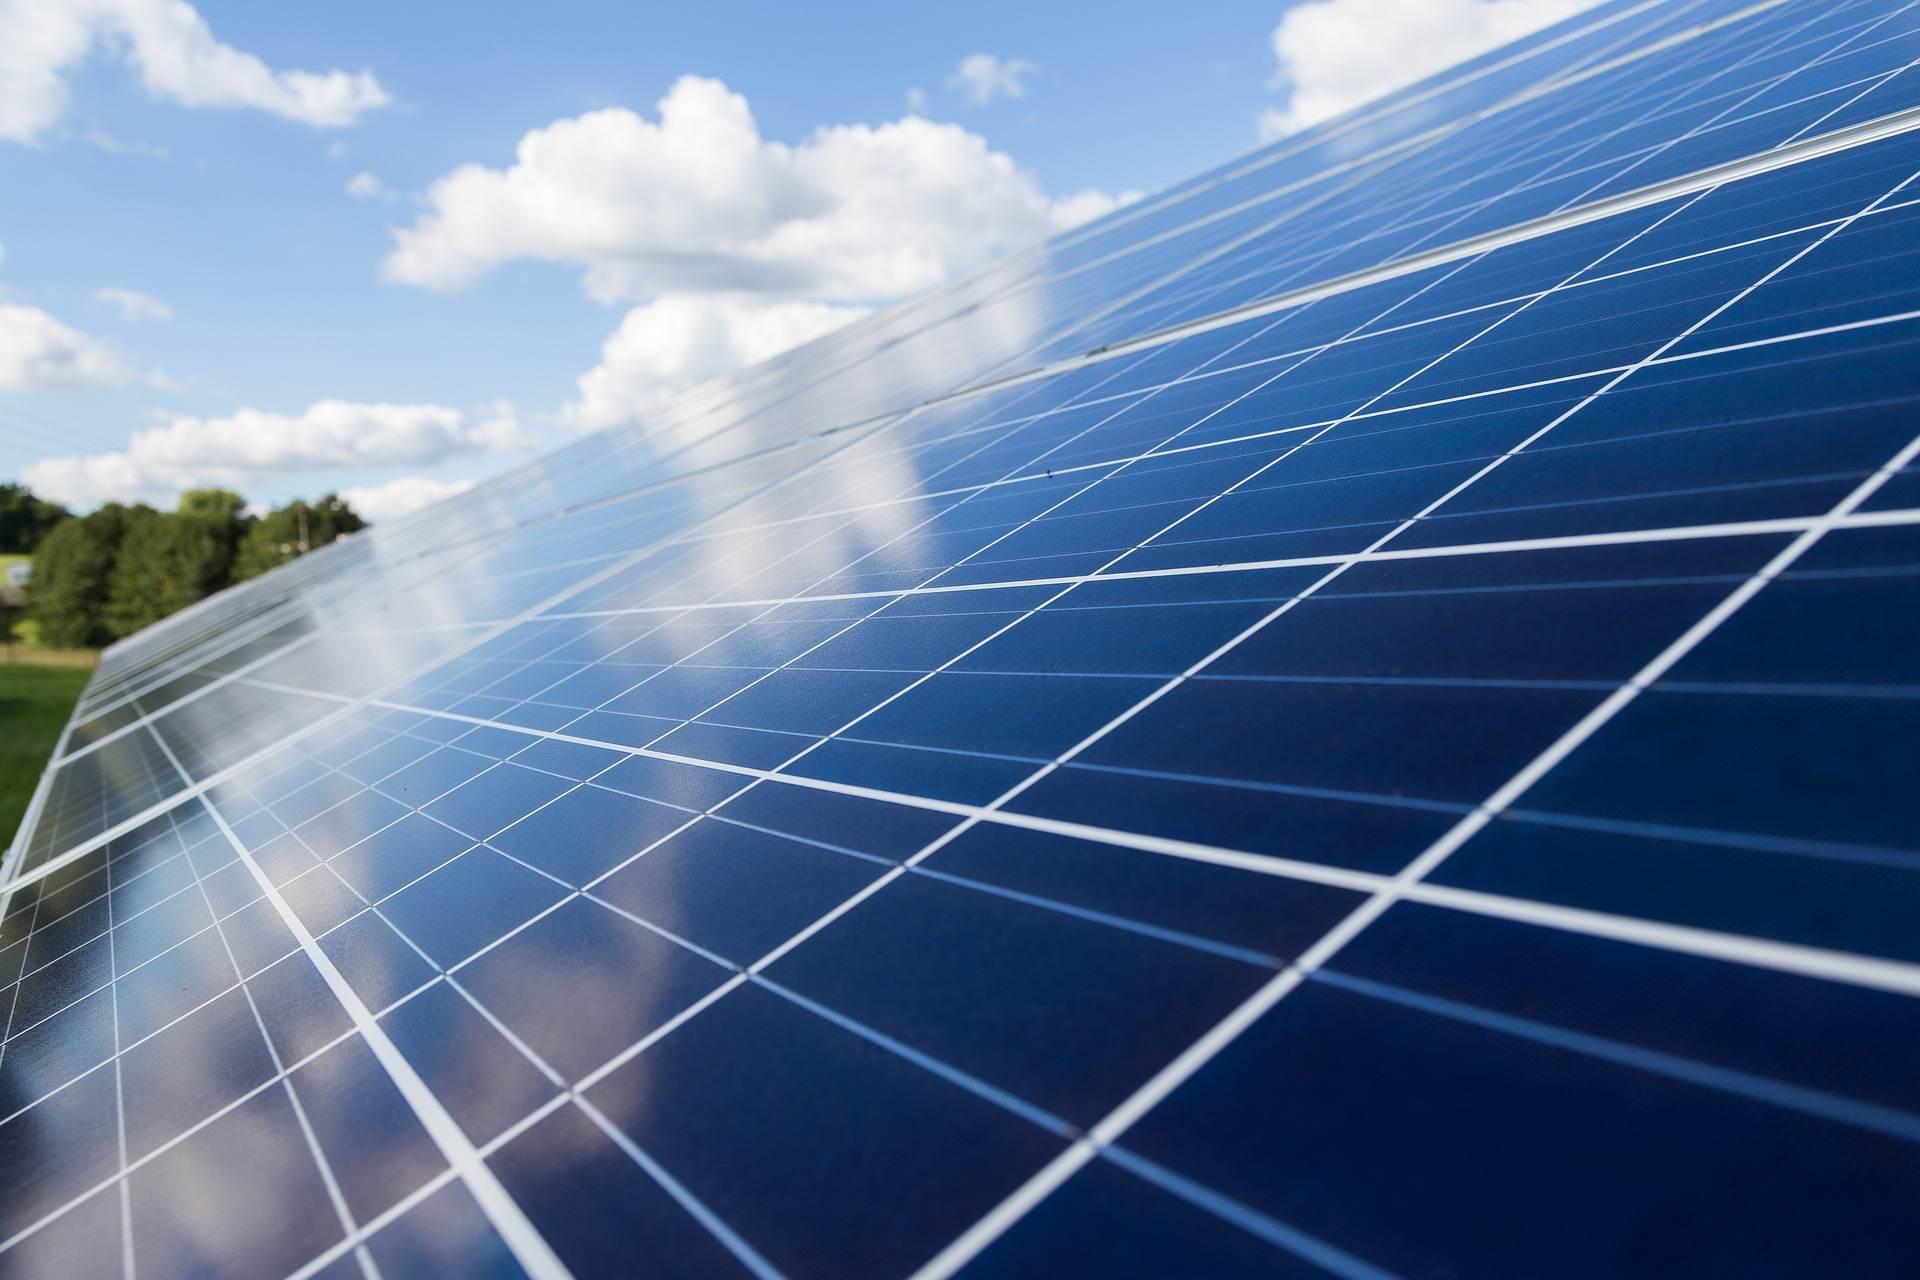 Glasreinigung für Ihr Gewerbe oder Privat | Reinigung von Photovoltaik-Anlagen